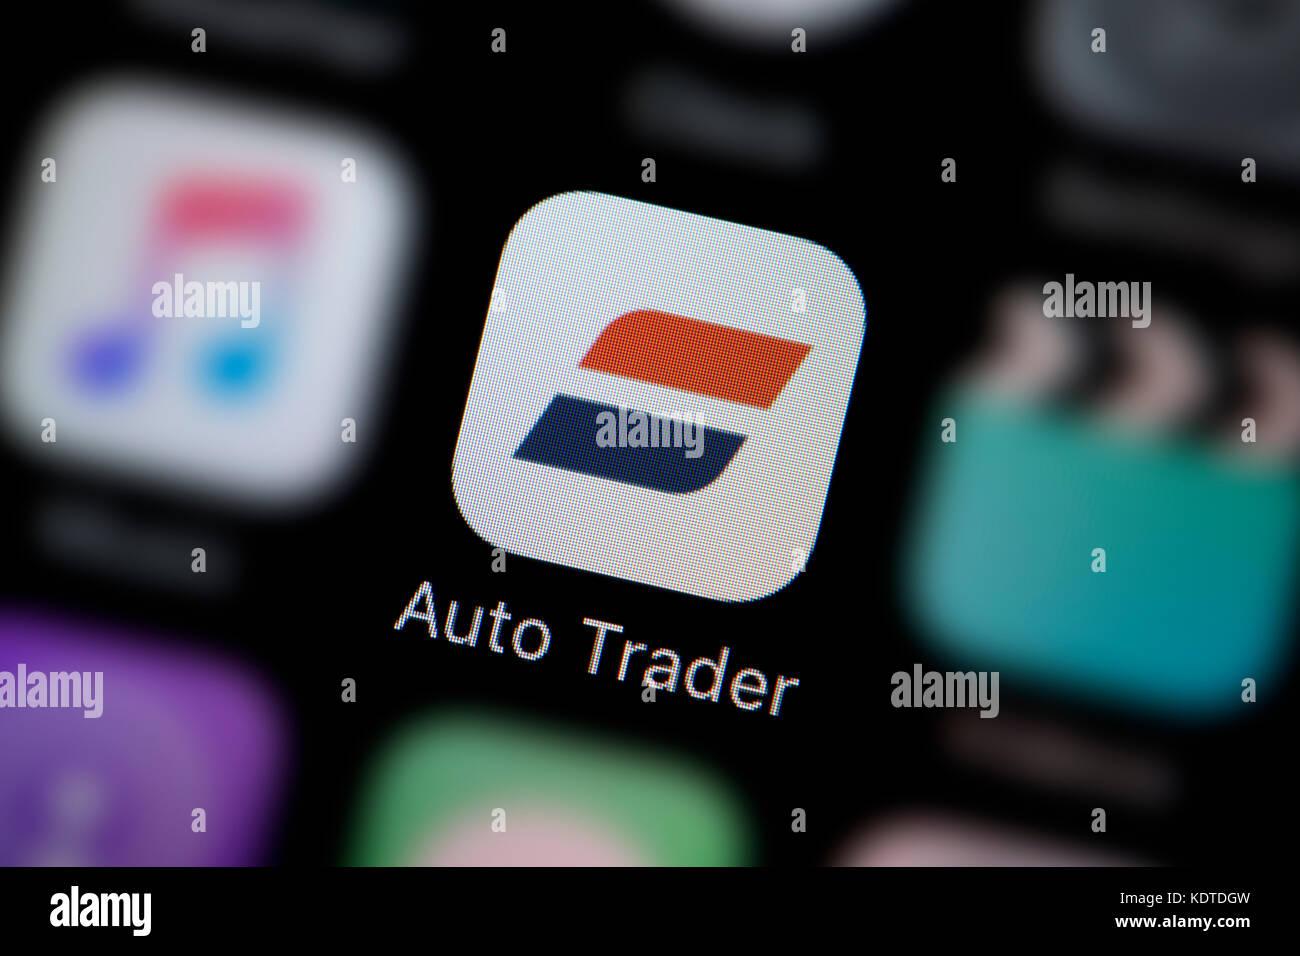 Auto Trader Fotos & Auto Trader Imagens de Stock - Alamy